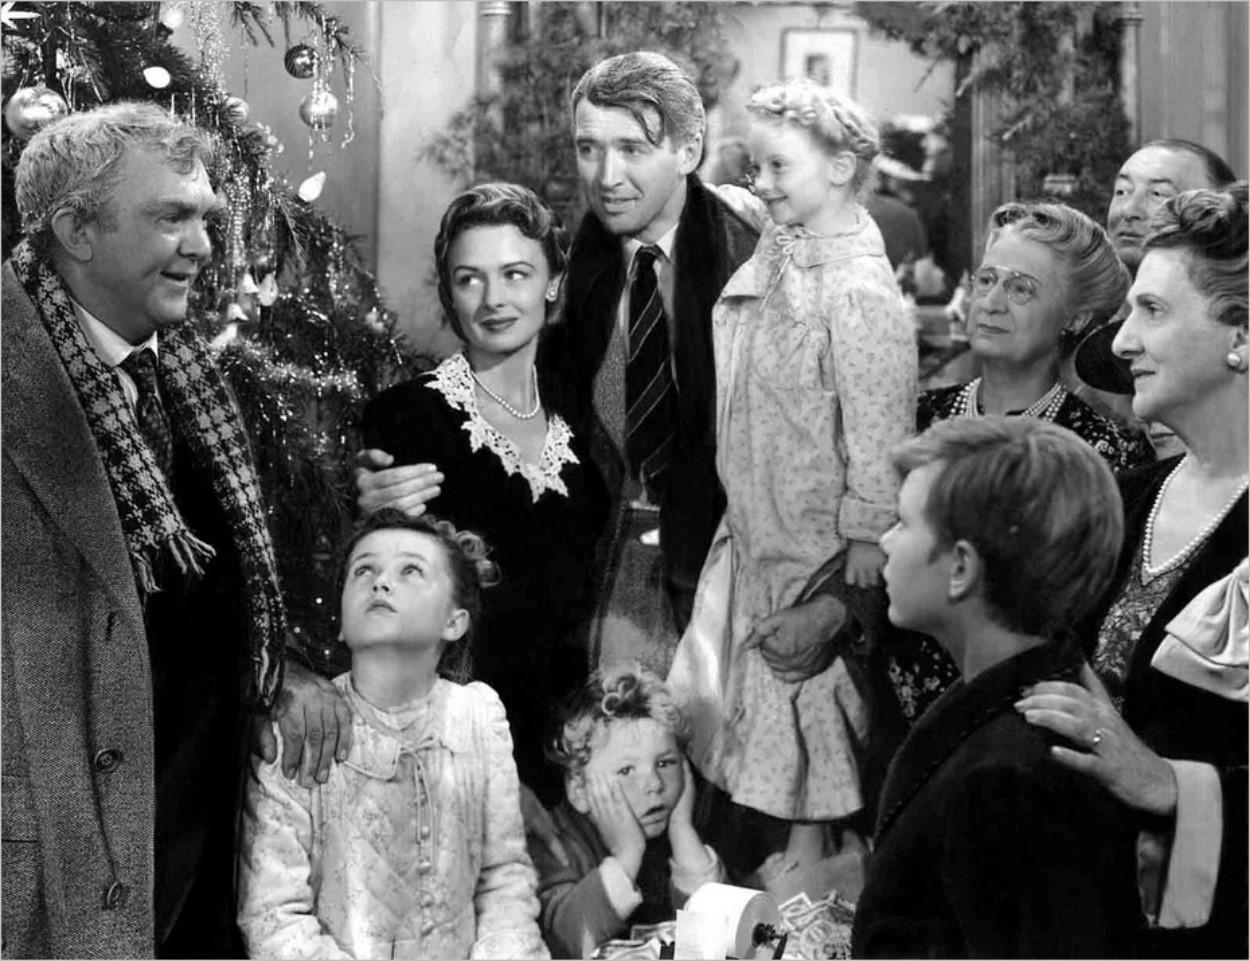 La vie est belle, Frank Capra : un film de Noël pas comme les autres